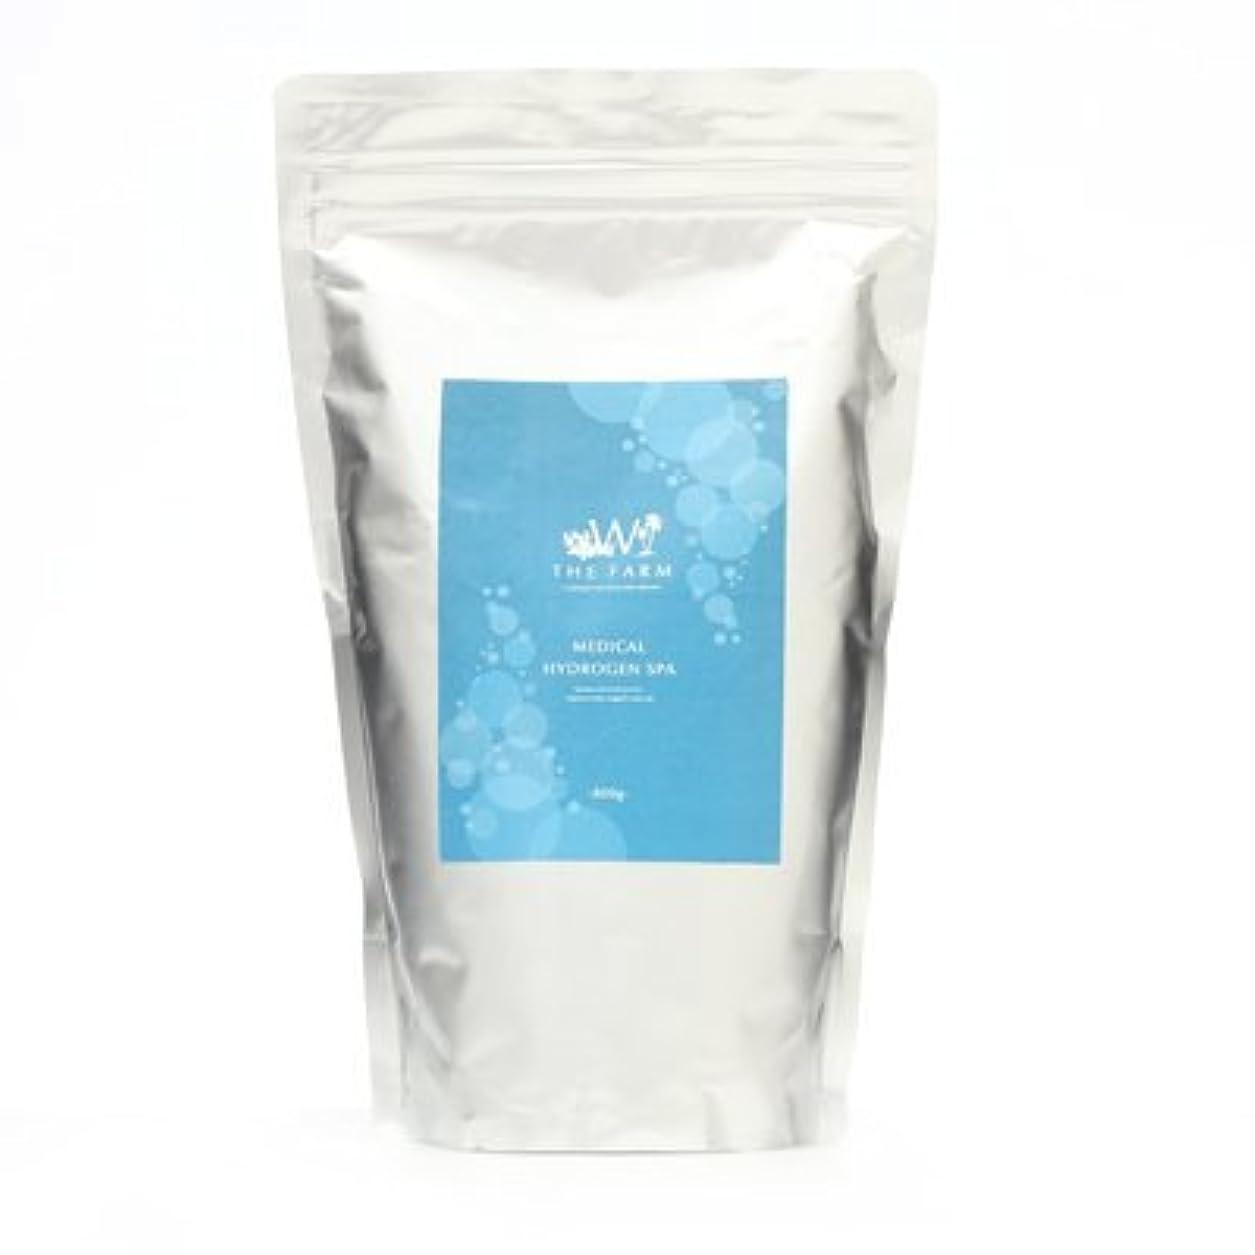 ゴールトラフィックリアル水素スパ【W 水素バス パウダー】 水素入浴剤 800g (水素風呂)